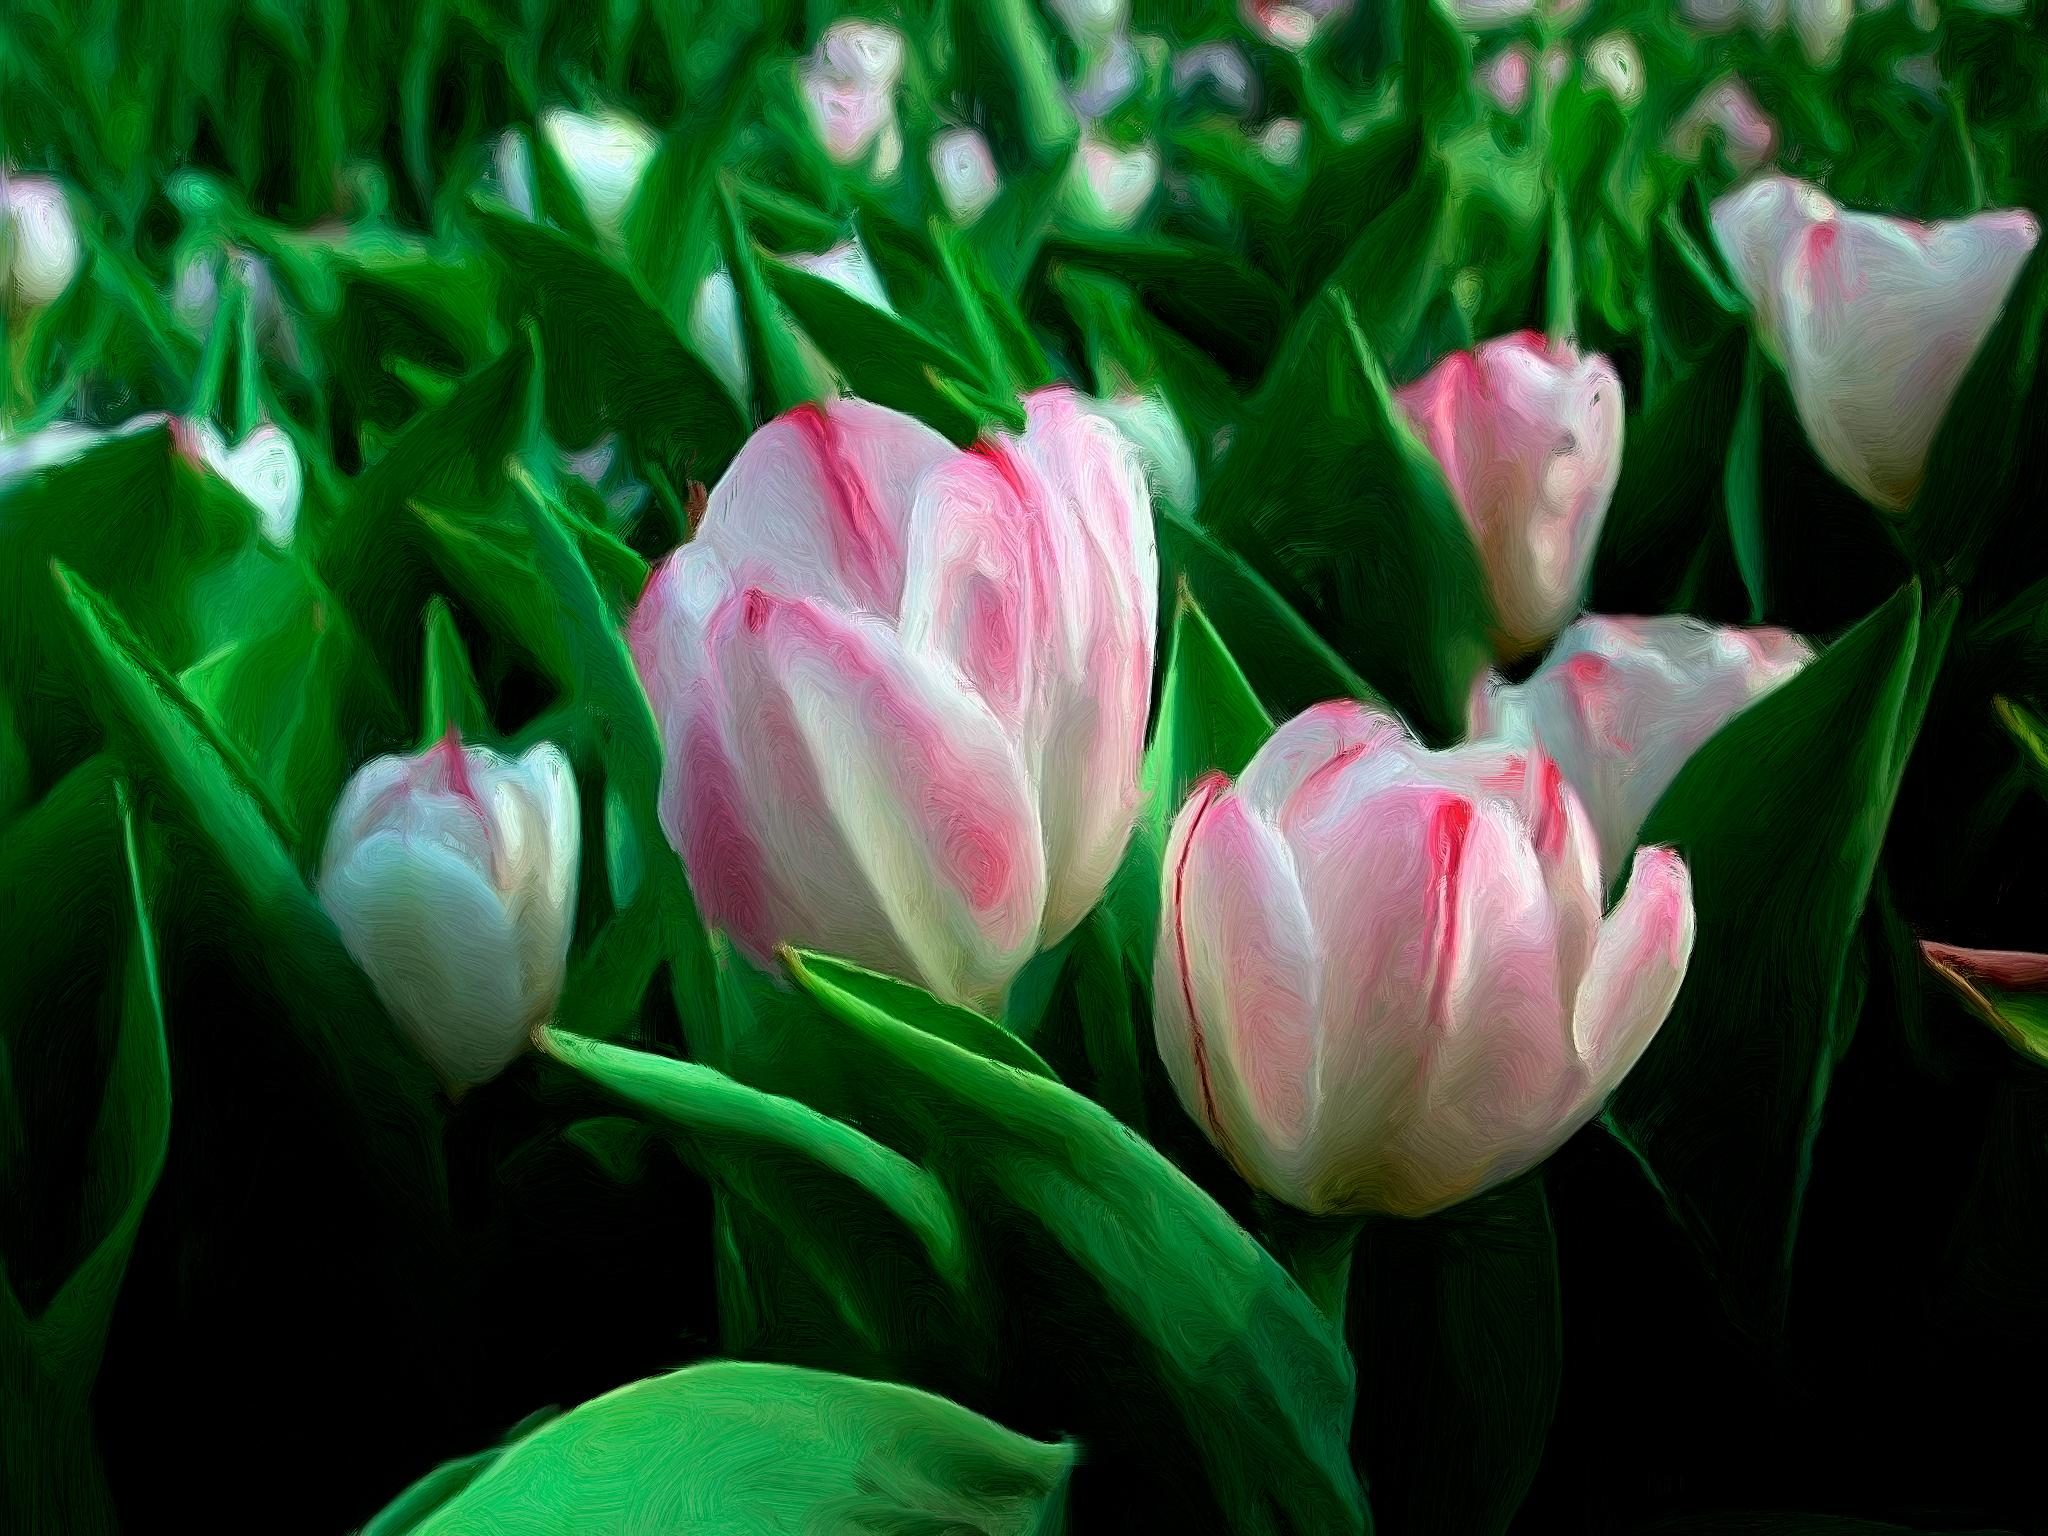 tulip-photo-77